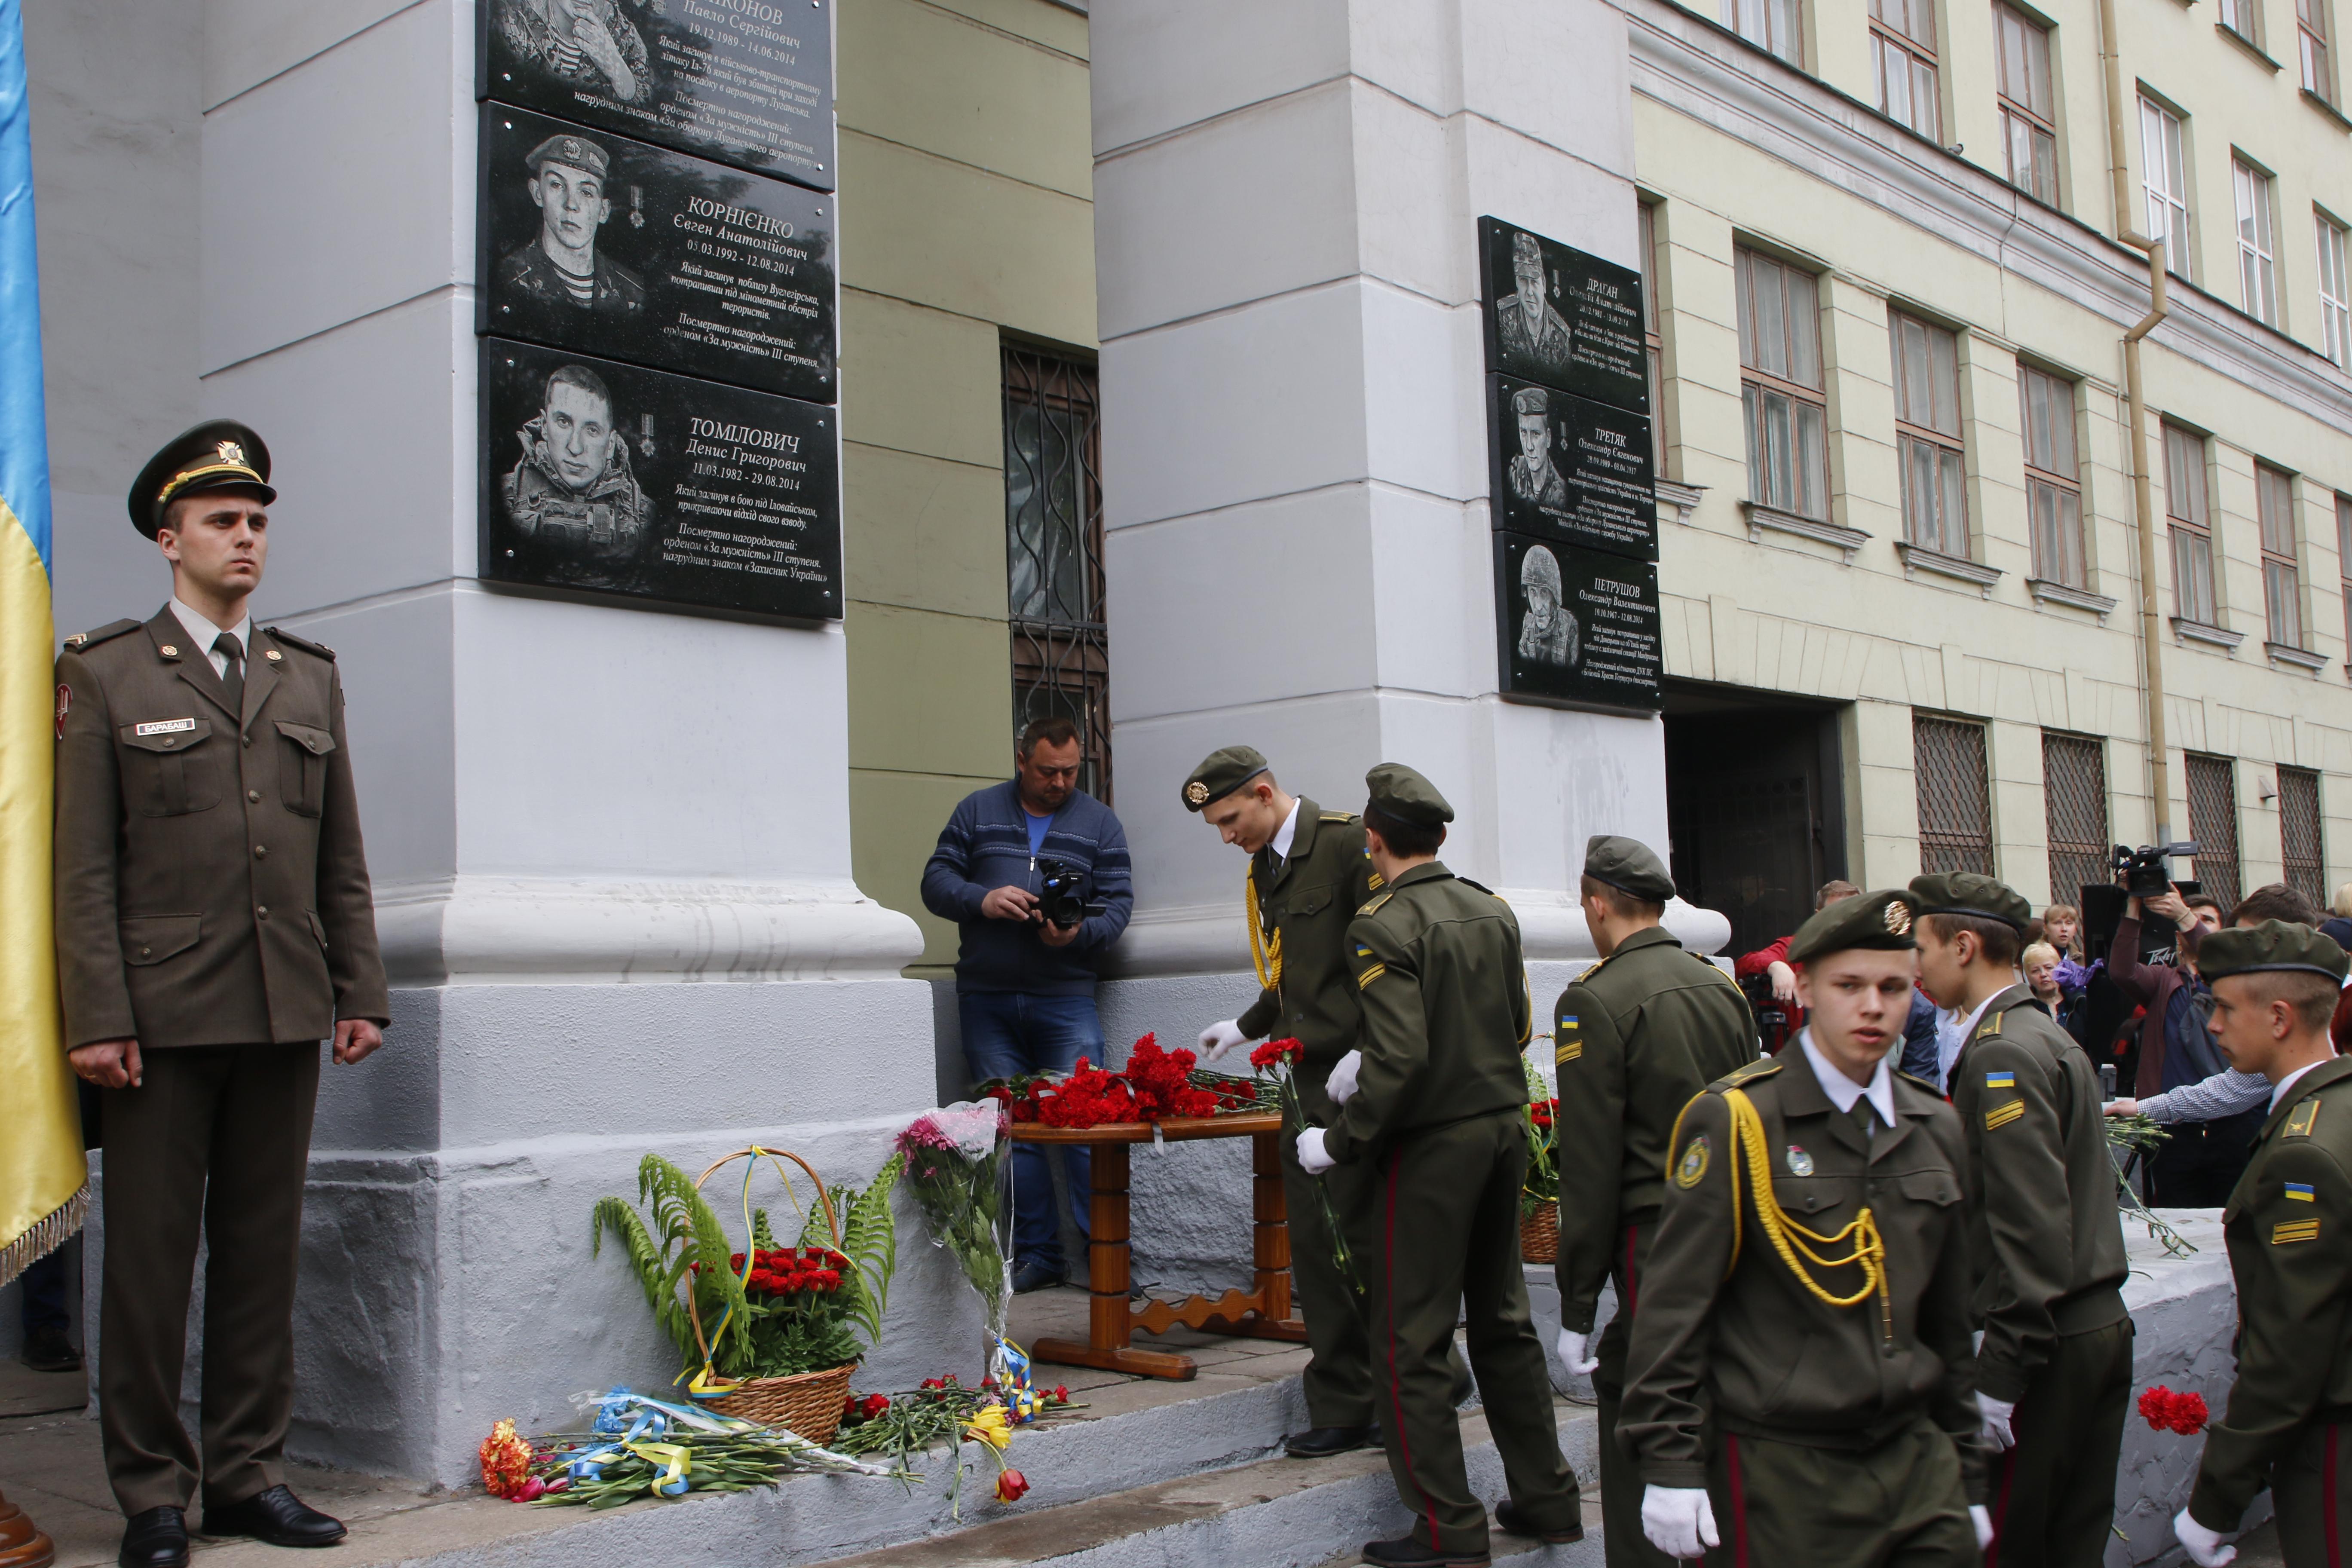 Глеб Пригунов: «Жертва погибших бойцов должна научить нас 2 урокам»